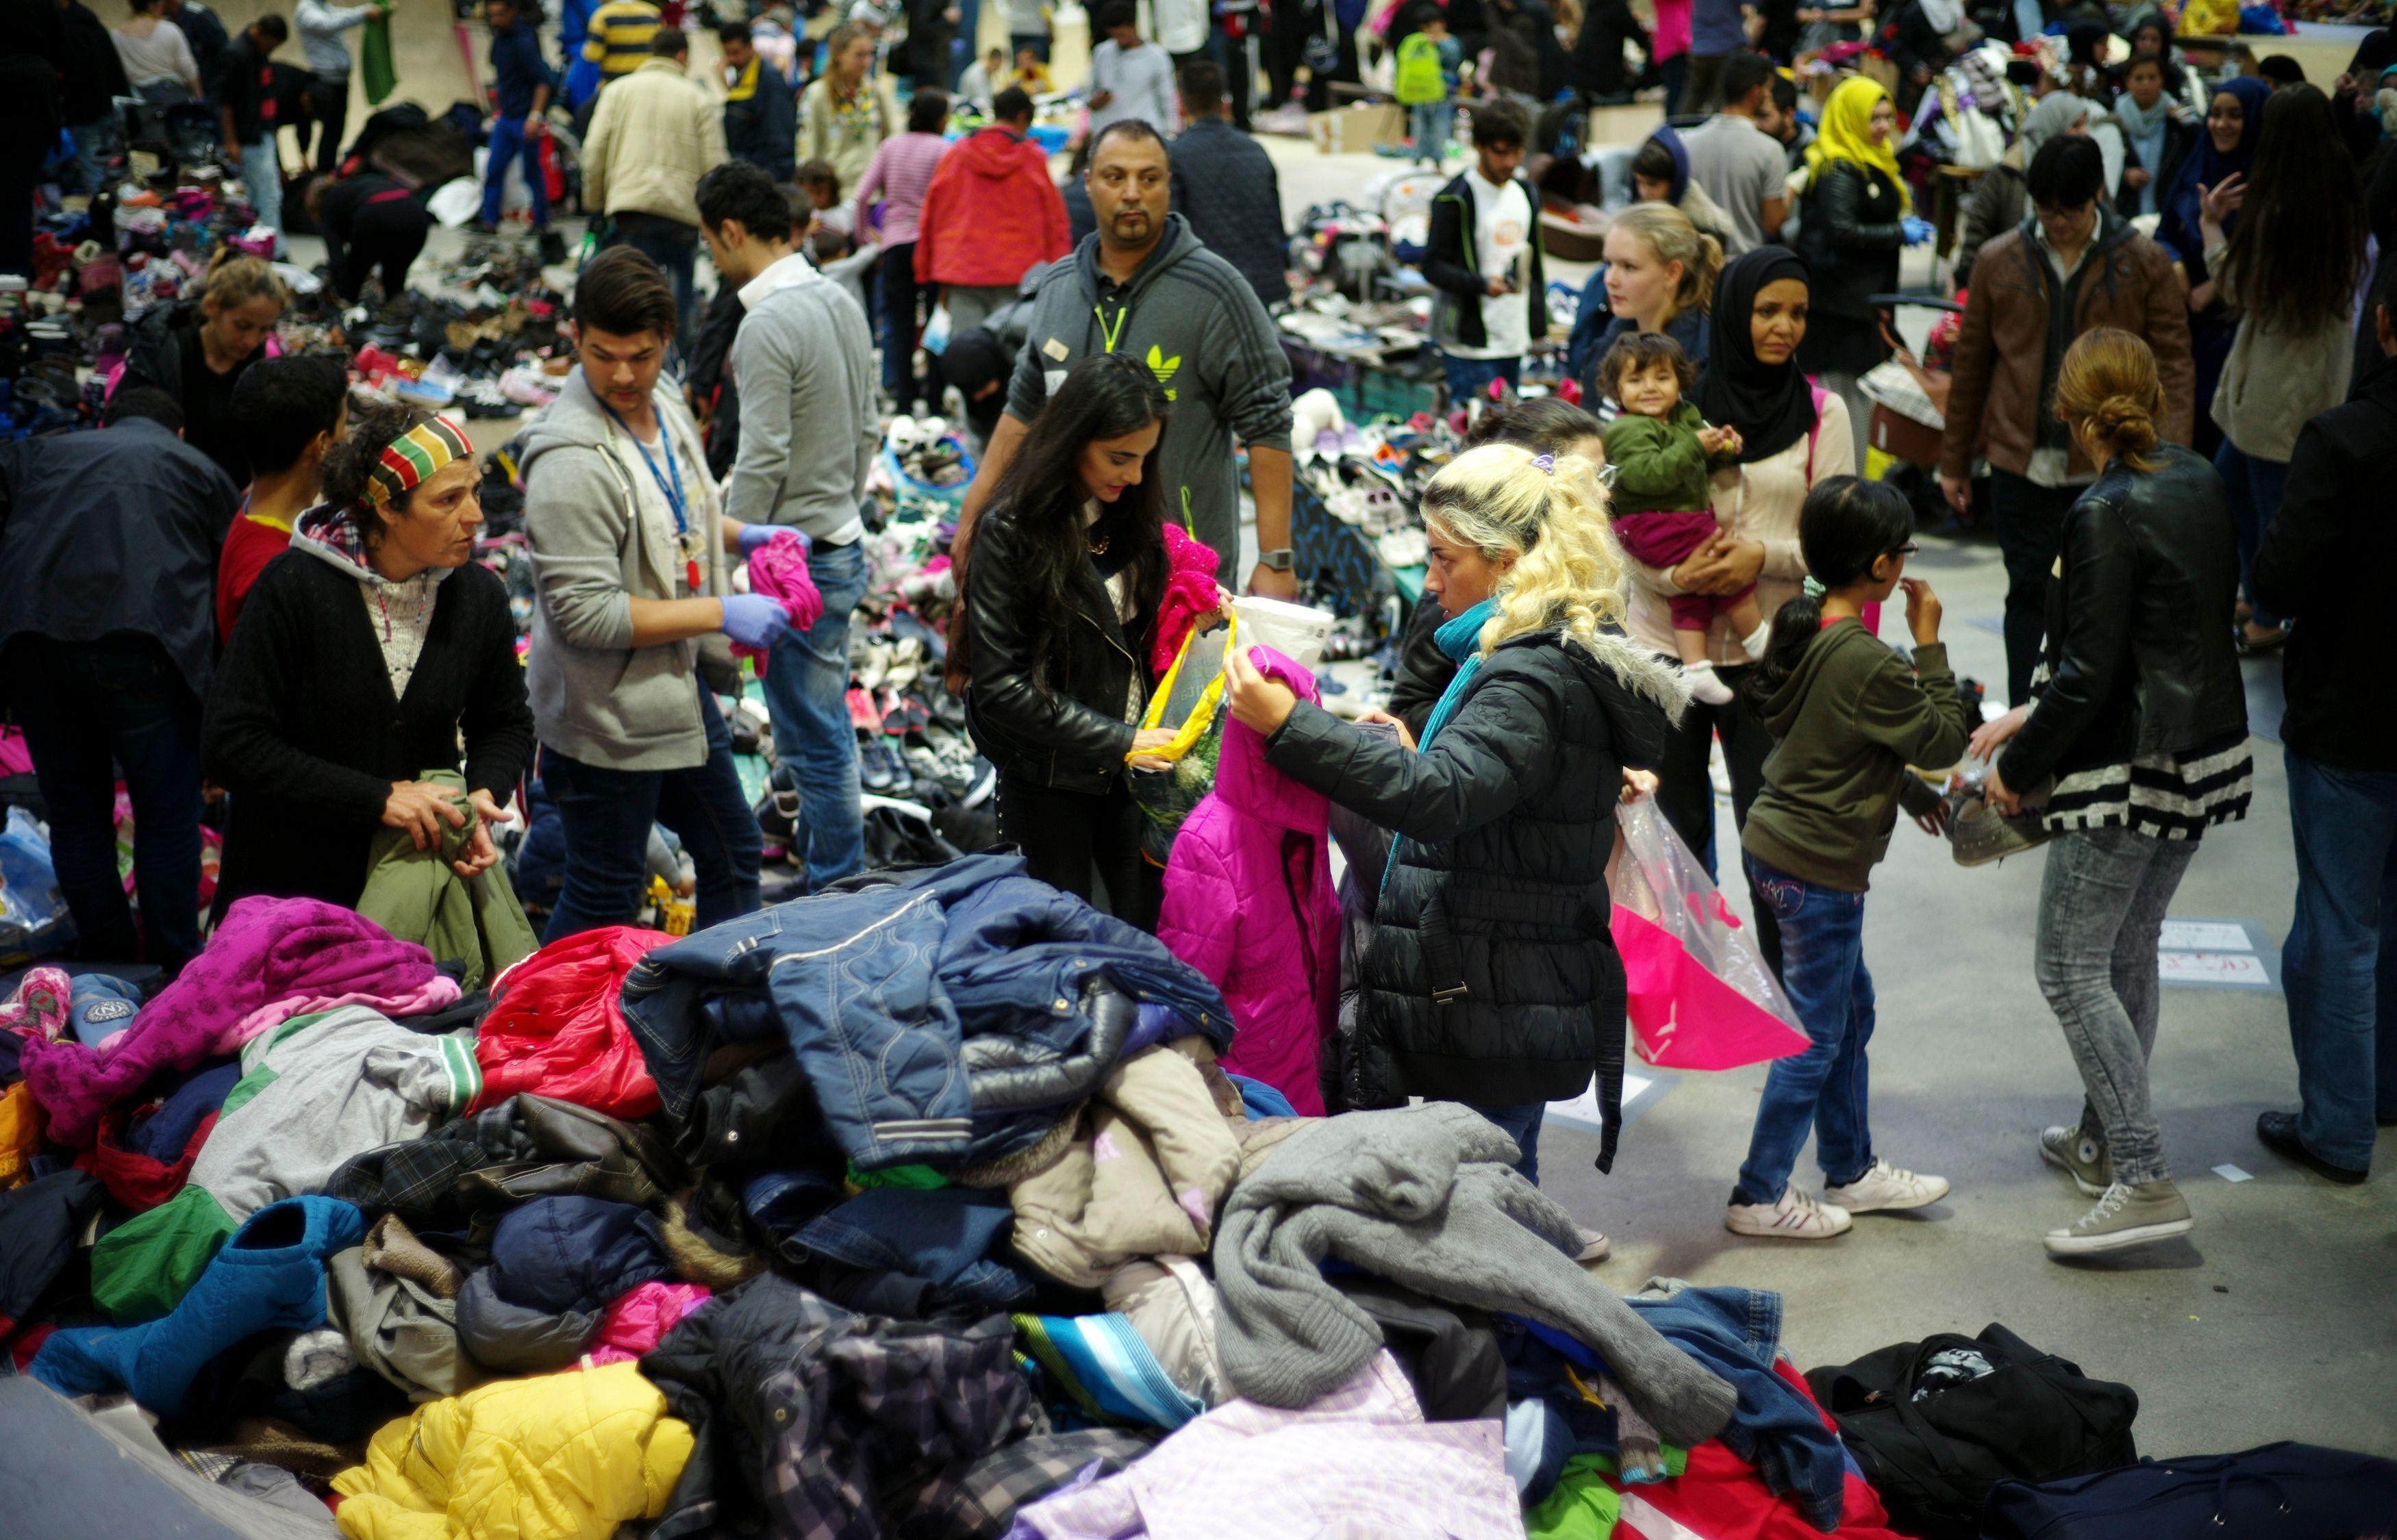 Migrants : 30 % des réfugiés se feraient passer pour des Syriens afin d'obtenir l'asile en Allemagne